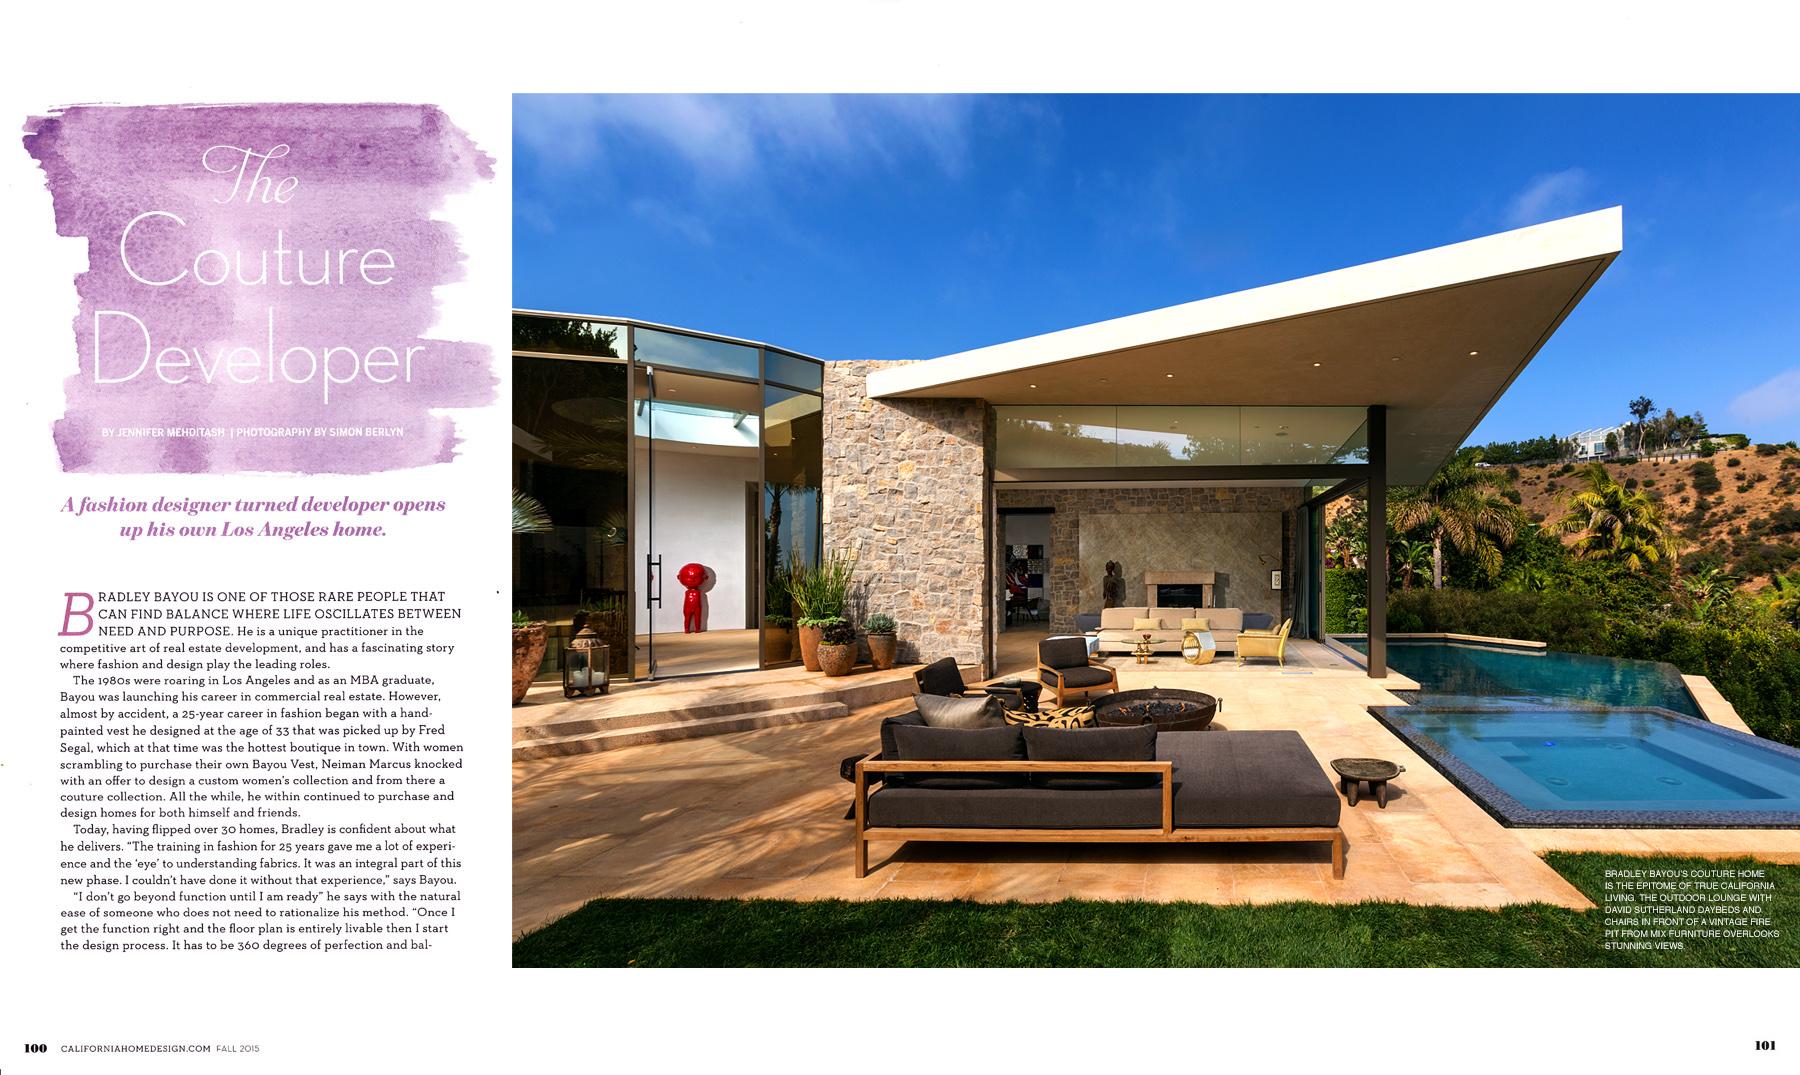 Ca Home Design press — bradley bayou design